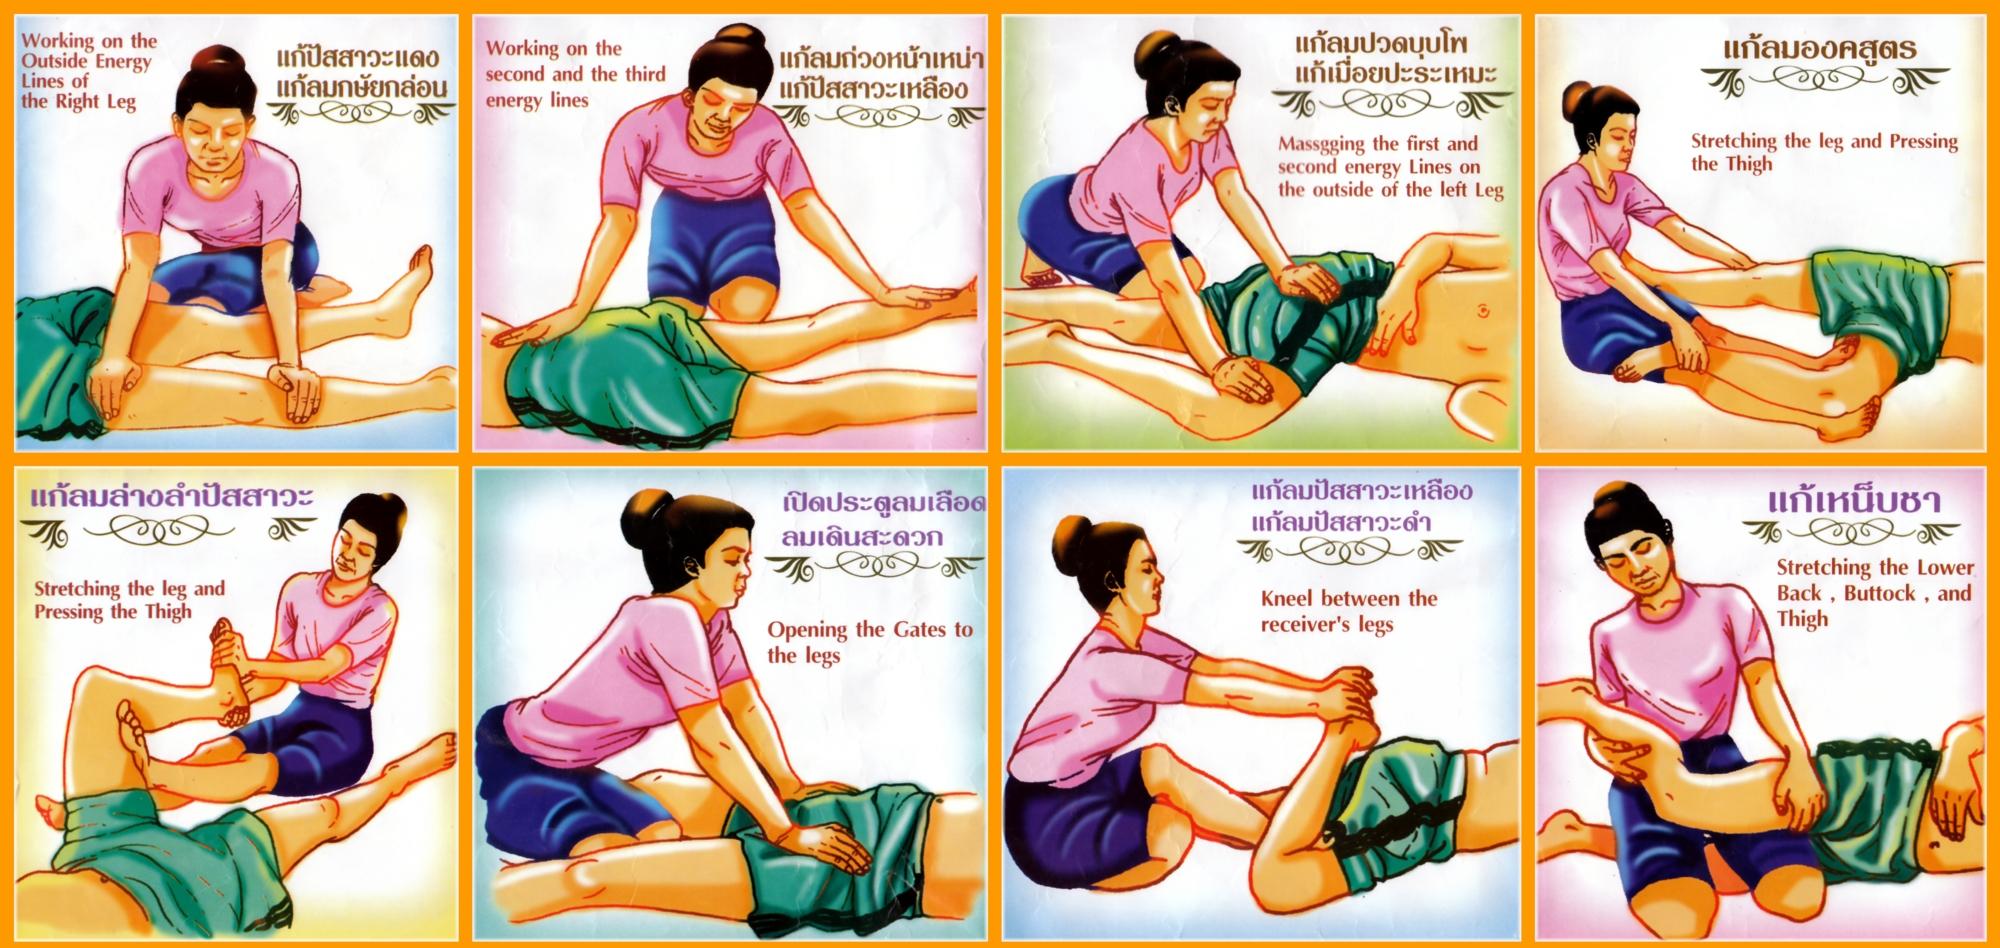 svensk pornostjerne thai massage i holbæk